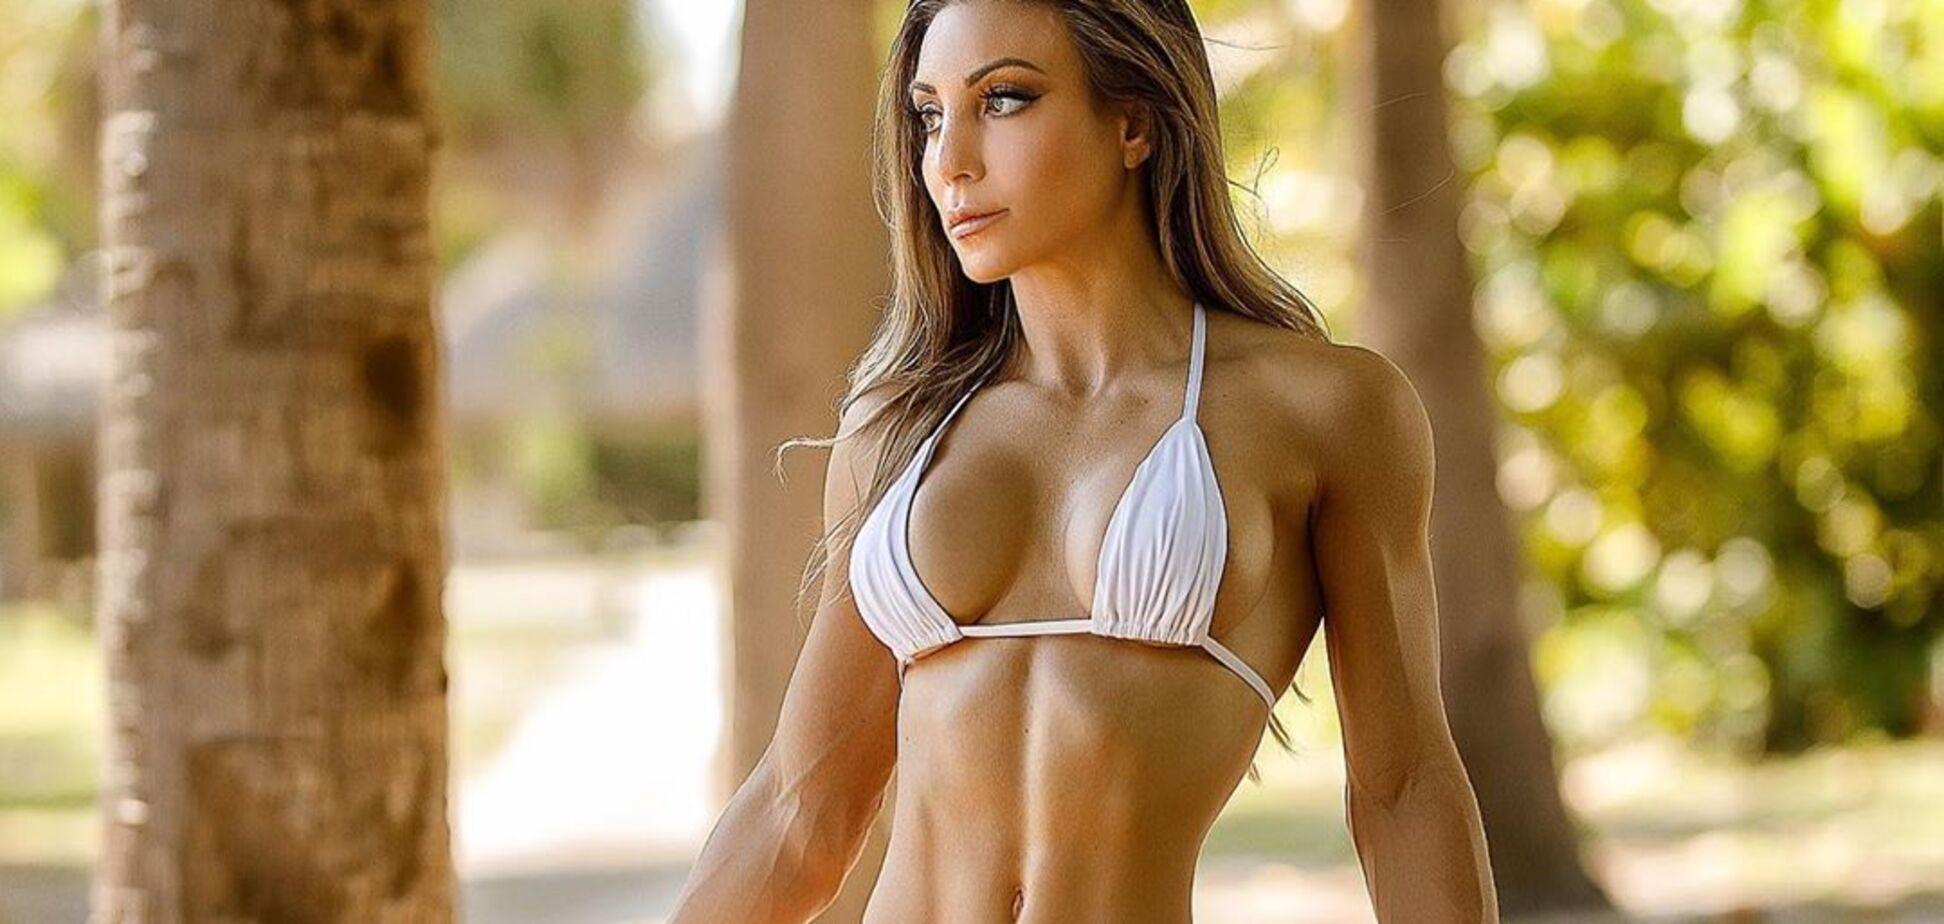 Популярная фитнес-модель снялась в тренажерном зале полностью обнаженной